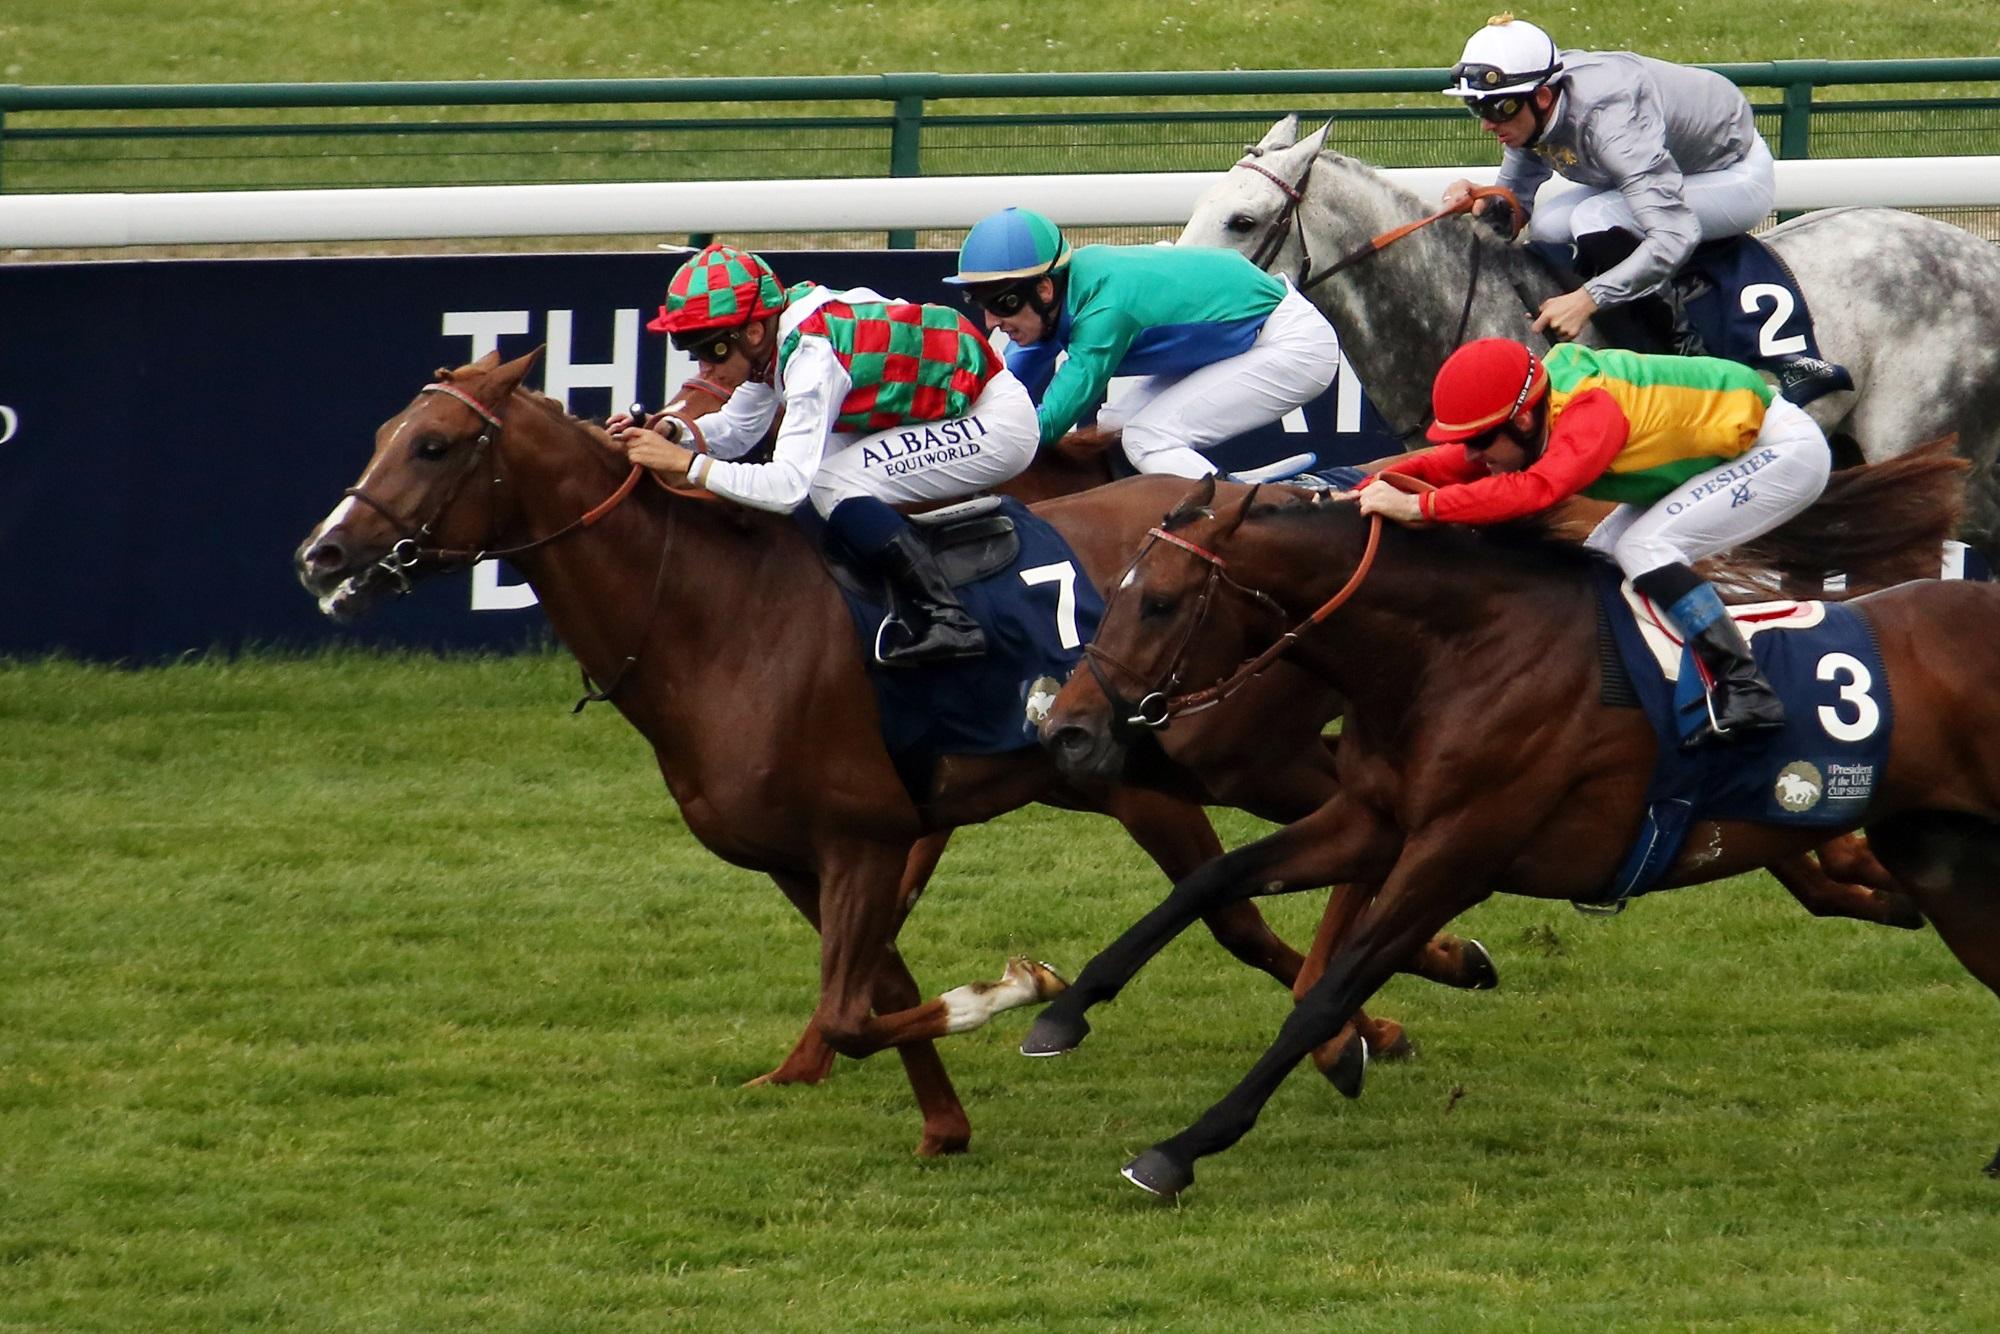 بلجيكا تستضيف المحطة الخامسة لكأس رئيس الدولة للخيول العربية الأصيلة غدا. 3